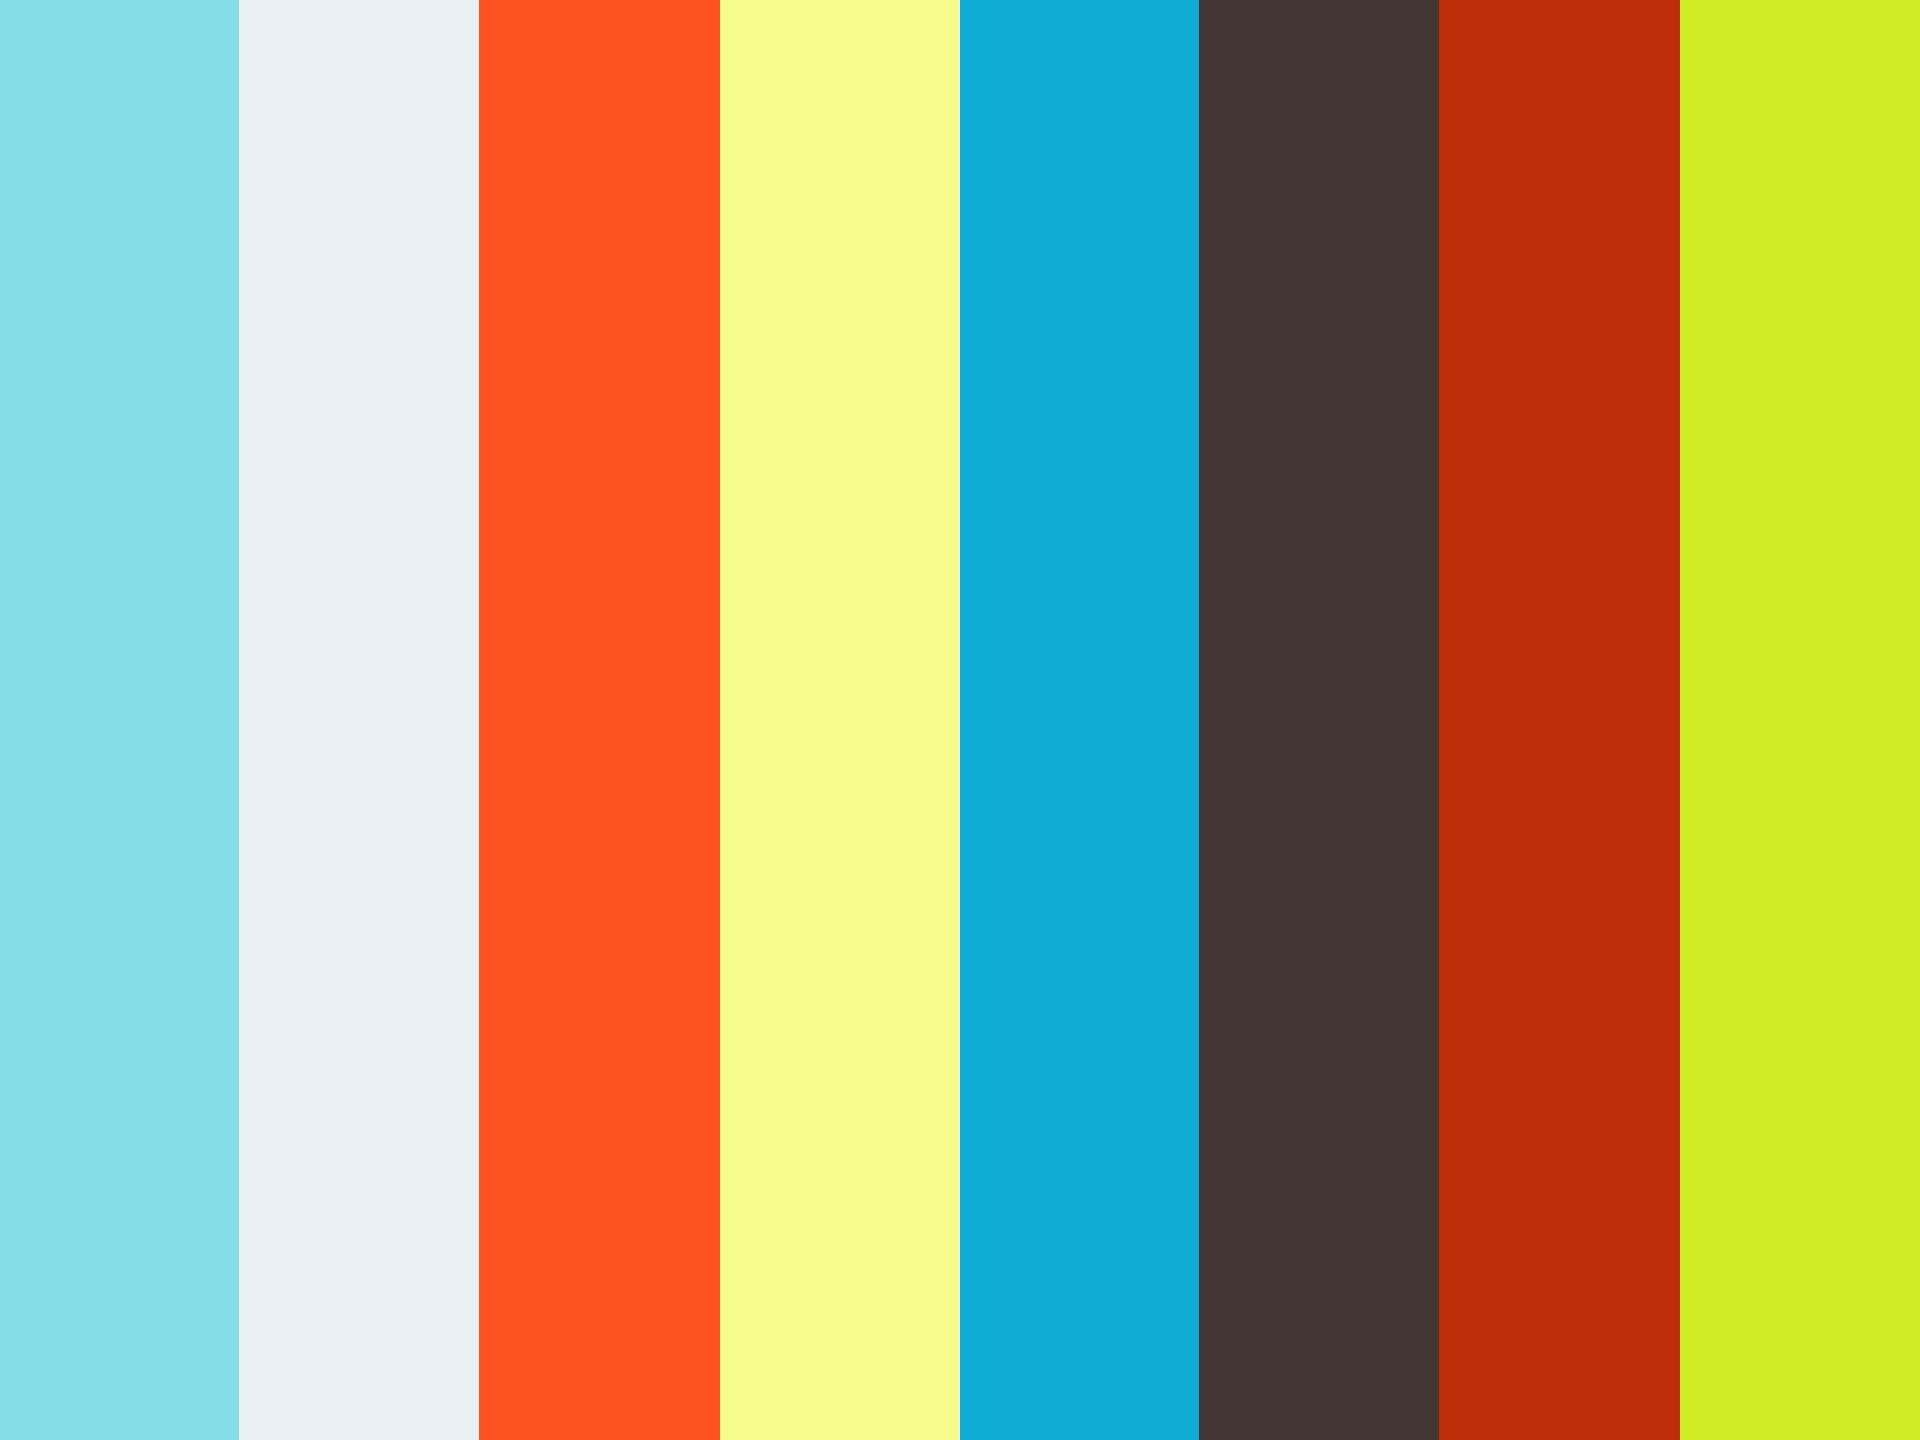 Bauhaus Gulve Reportage Form In Produktvideoer On Vimeo